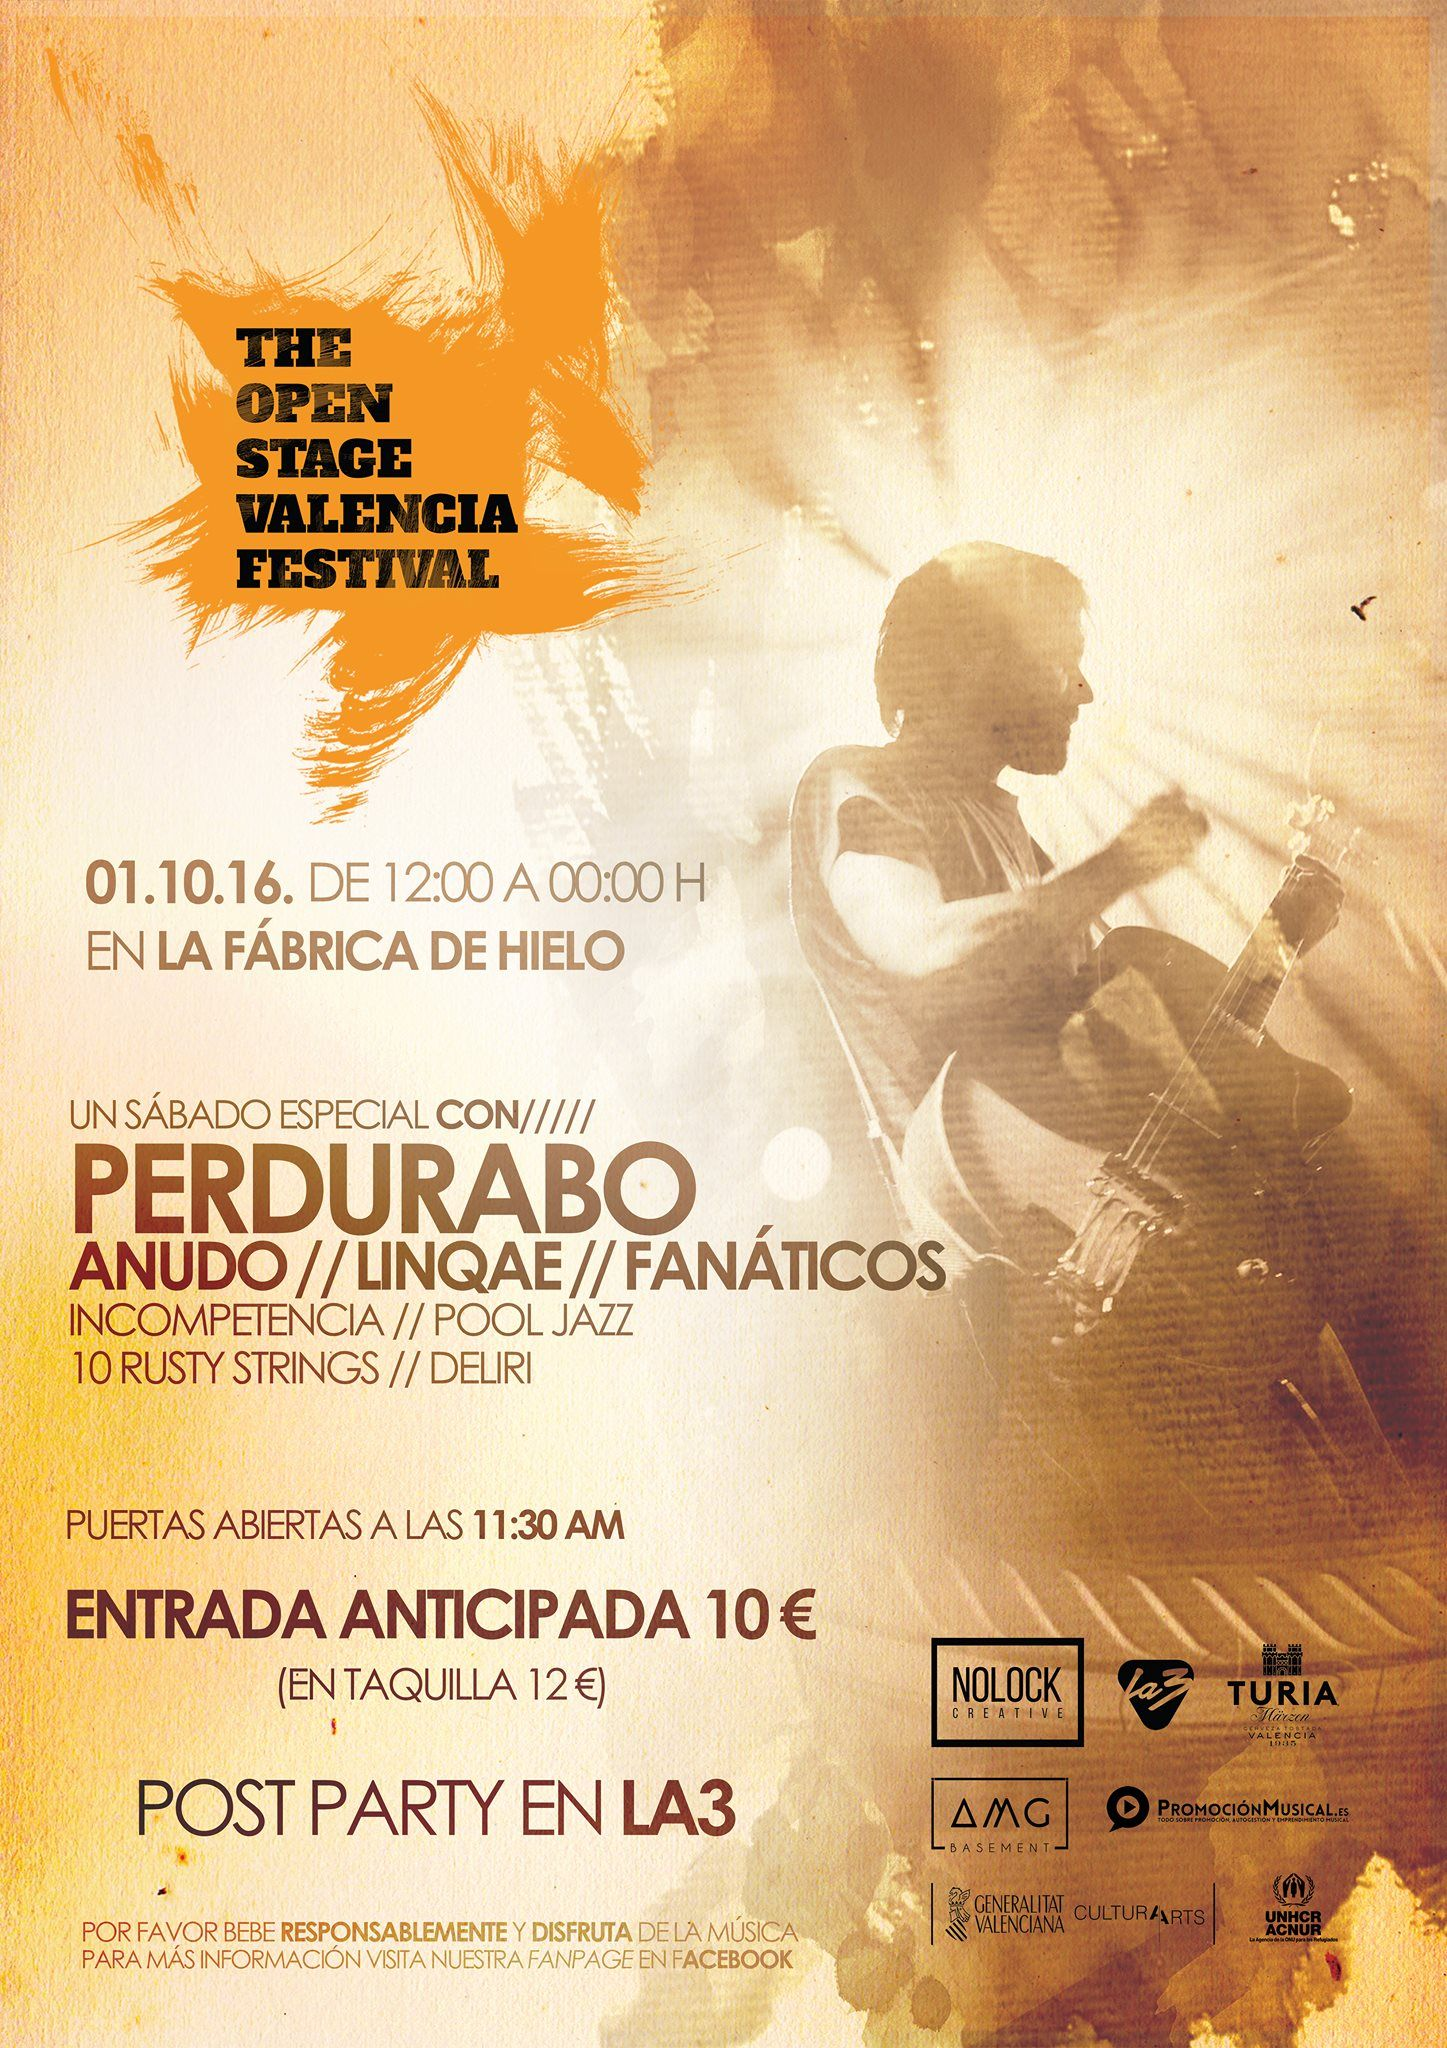 the open staga valencia https://promocionmusical.es/: